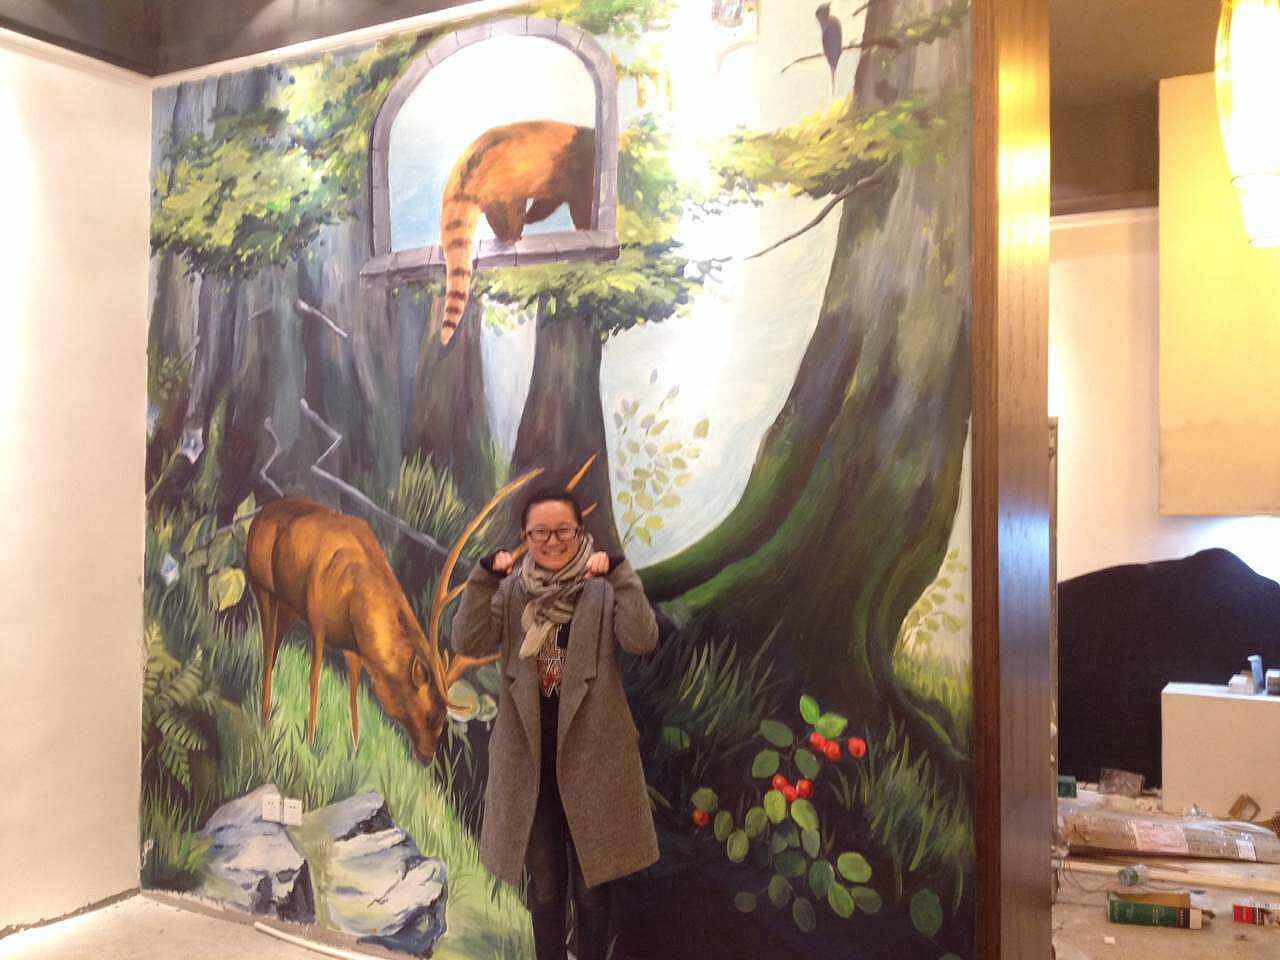 笔者就介绍一下如何打造田园风格的墙绘